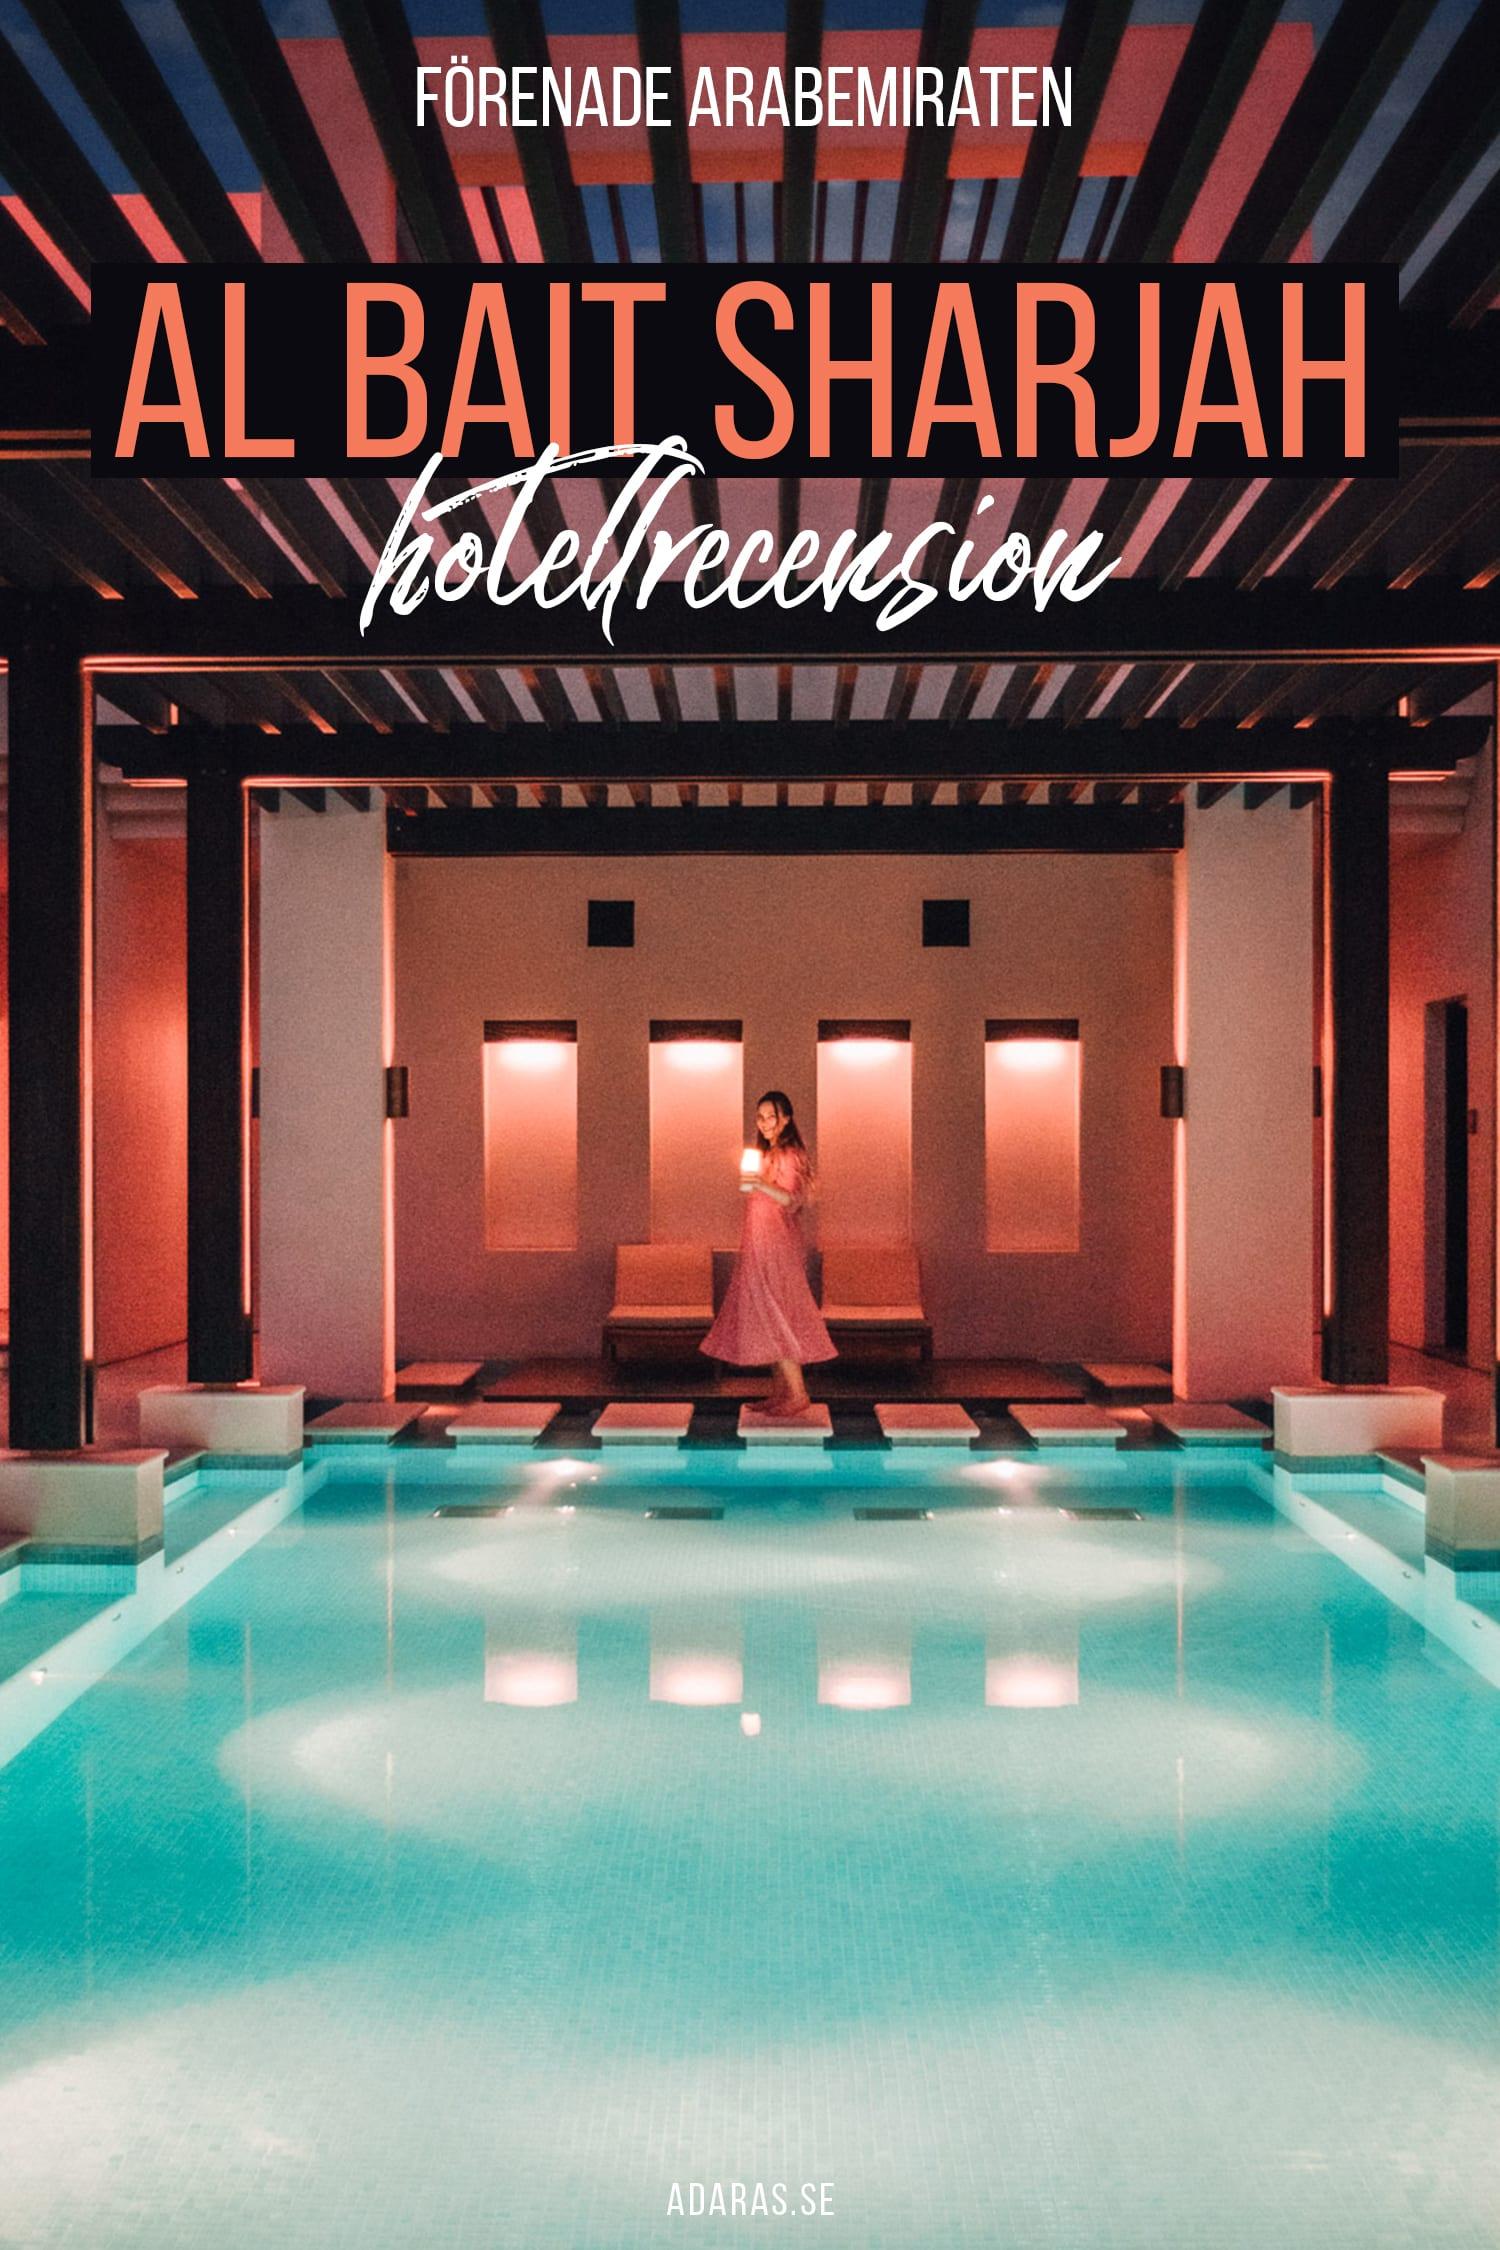 Hotellrecension - Al Bait Sharjah Resort - En lyxig escape i Förenade Arabemiraten